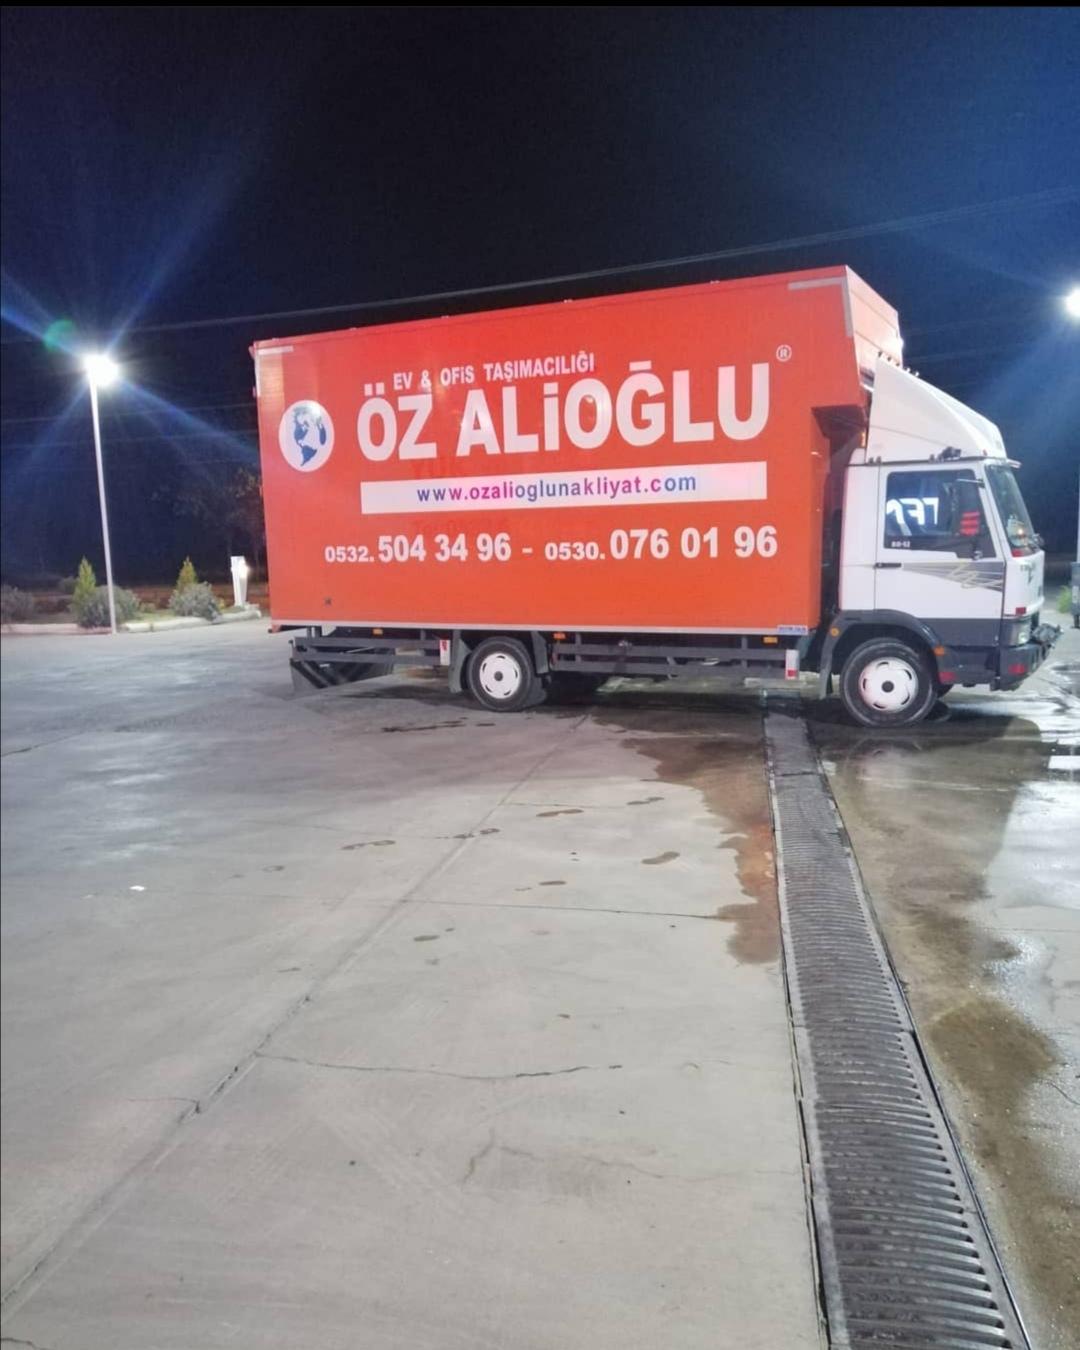 Öz Alioğlu Nakliyat